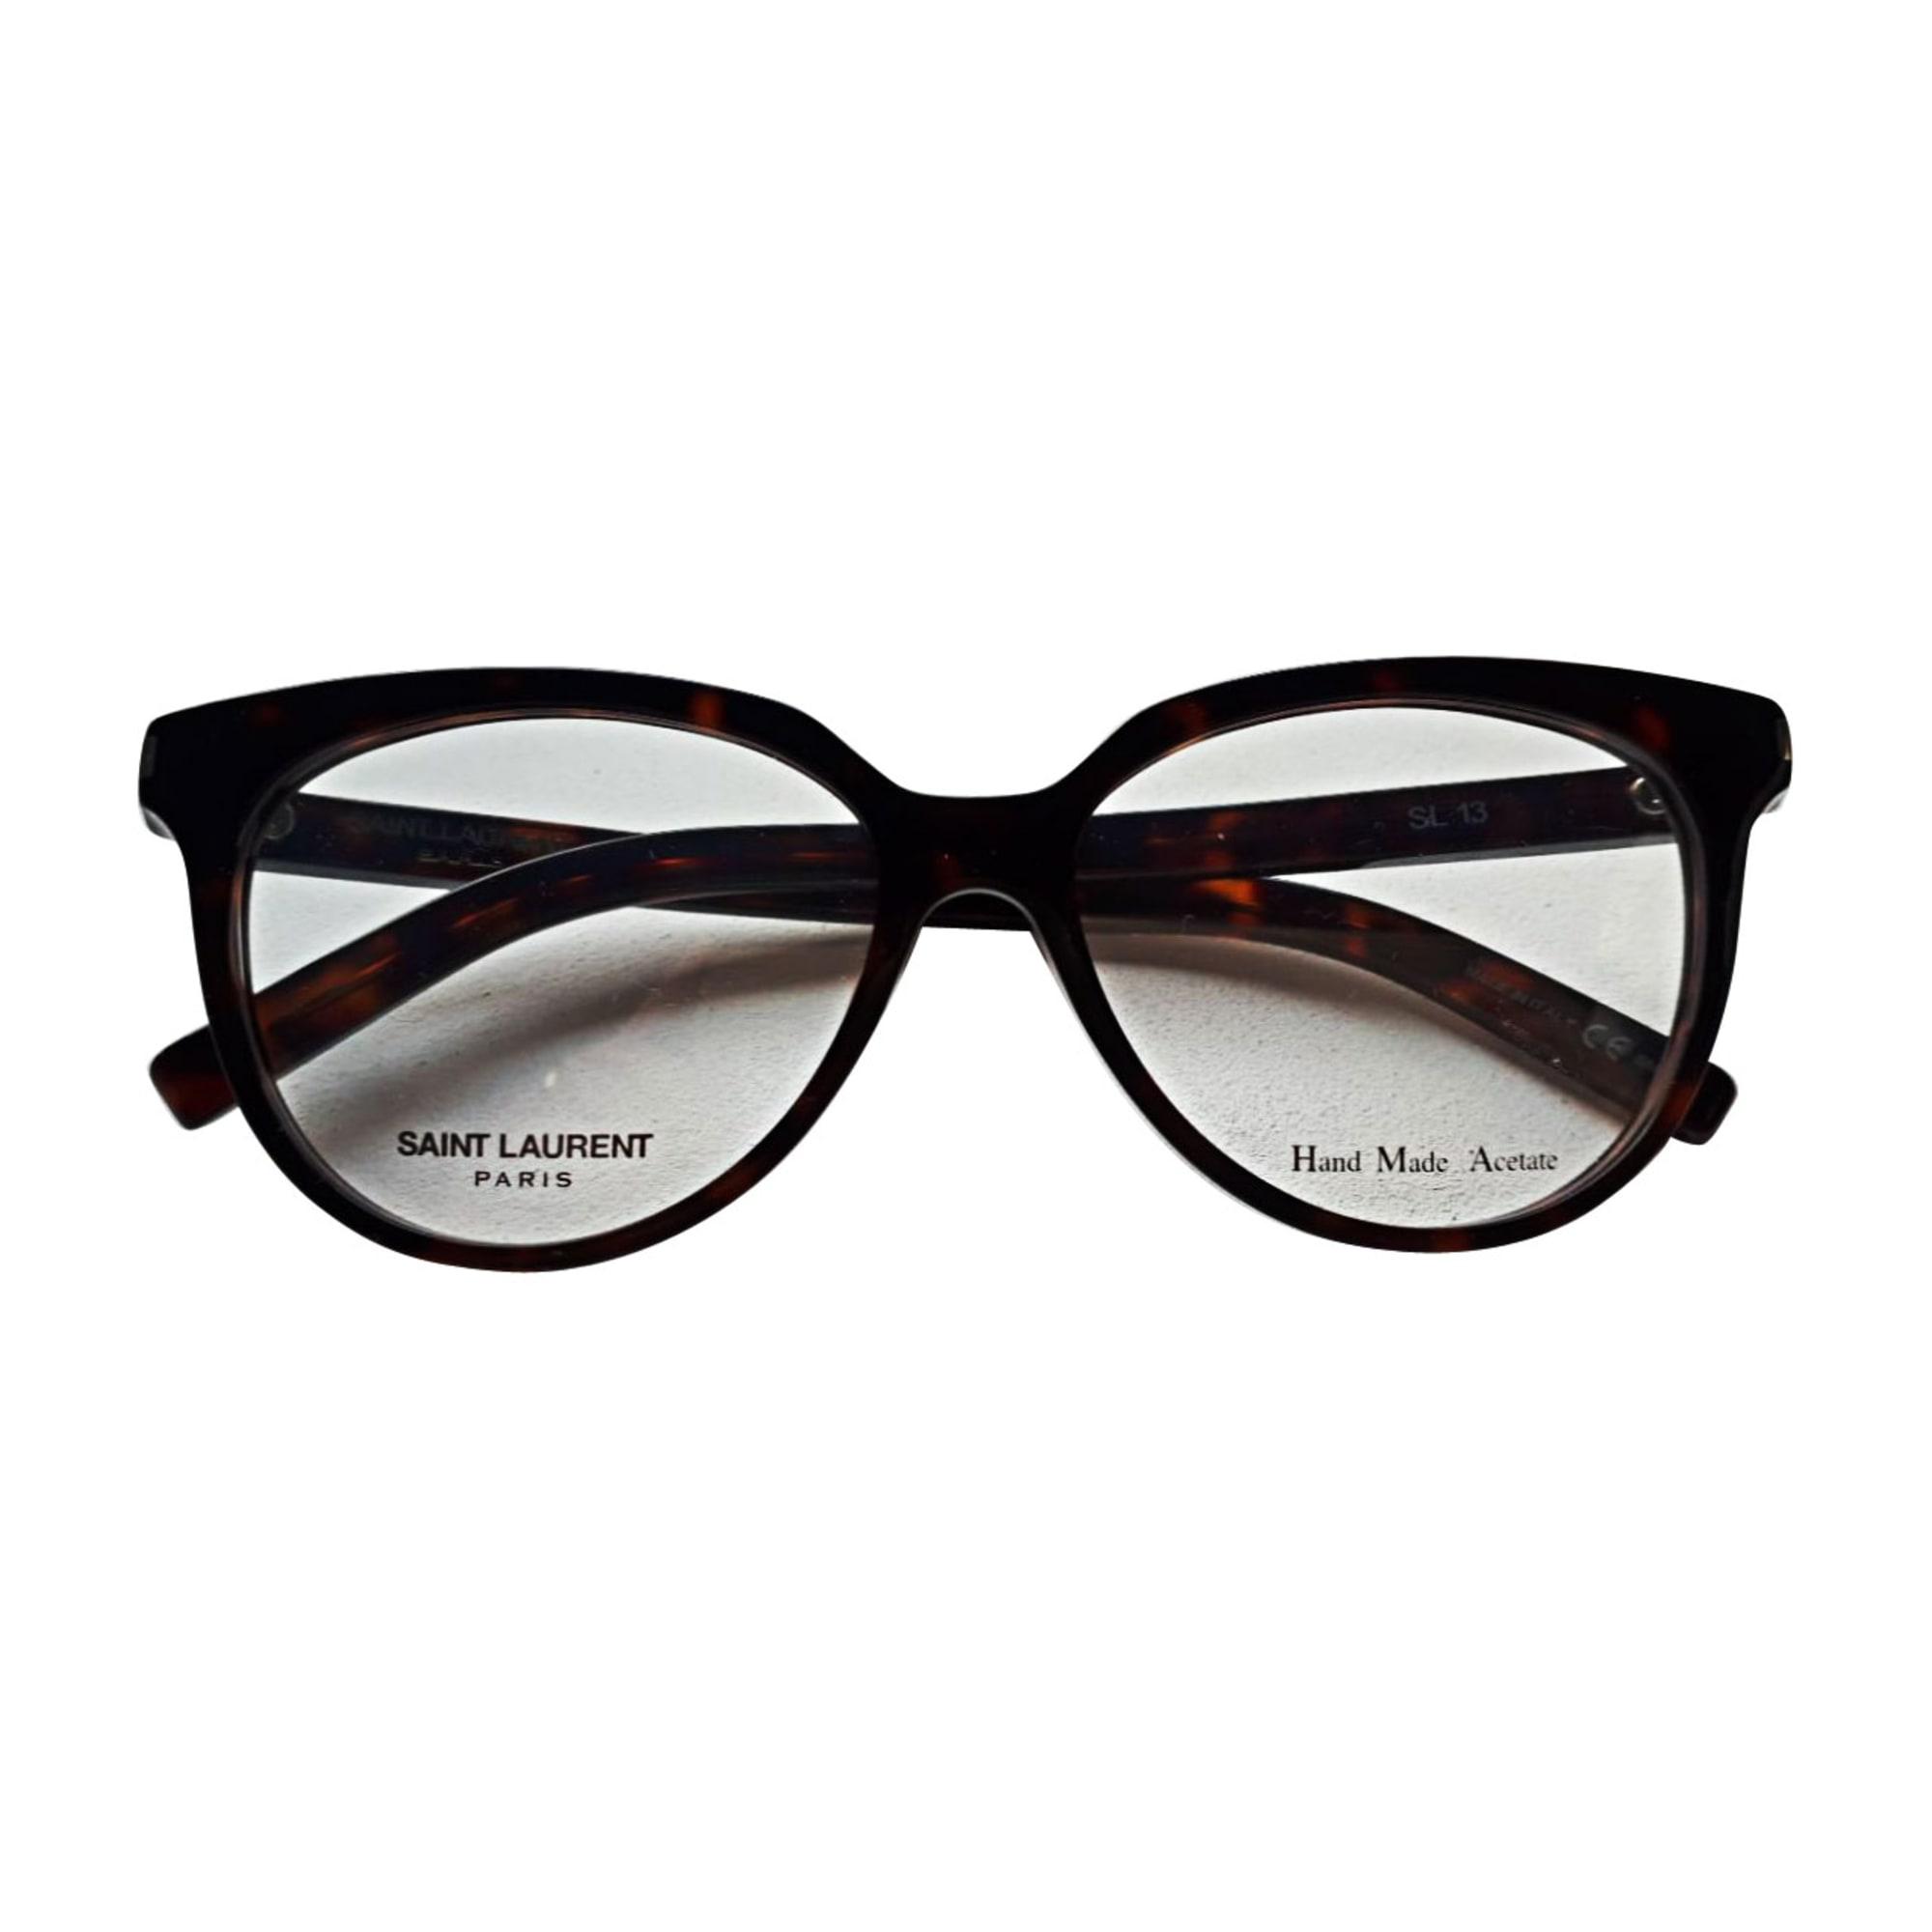 f7097fae42a711 Monture de lunettes SAINT LAURENT marron vendu par Celine35 - 7978363